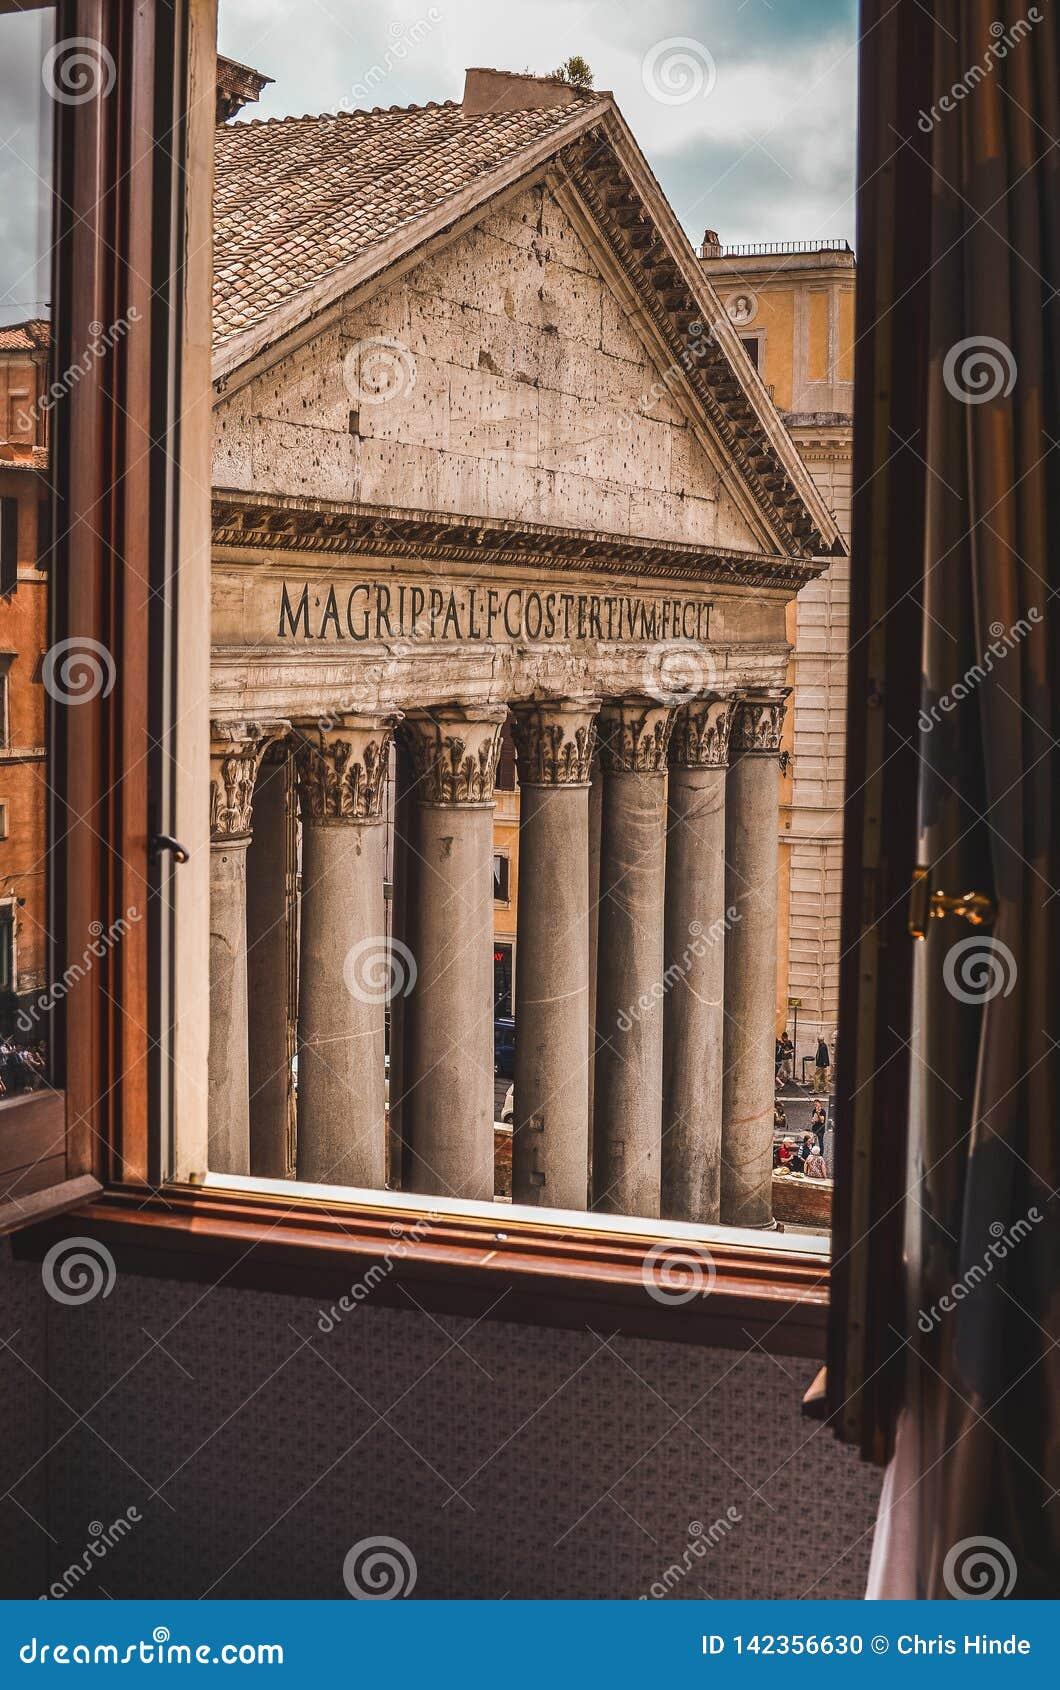 Pantheon next door